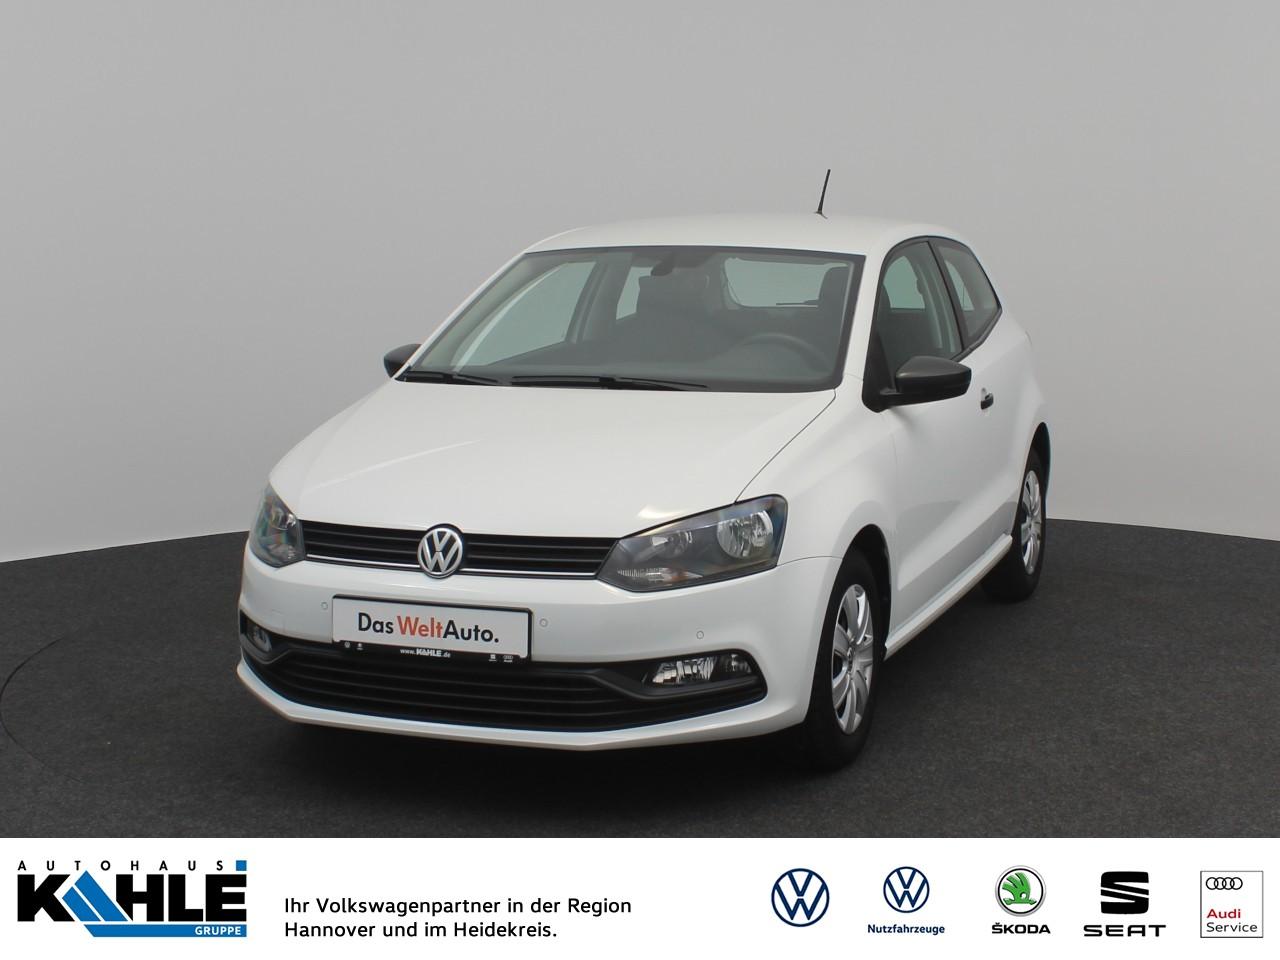 Volkswagen Polo 1.0 Trendline Navi Klima Klima Navi, Jahr 2016, Benzin